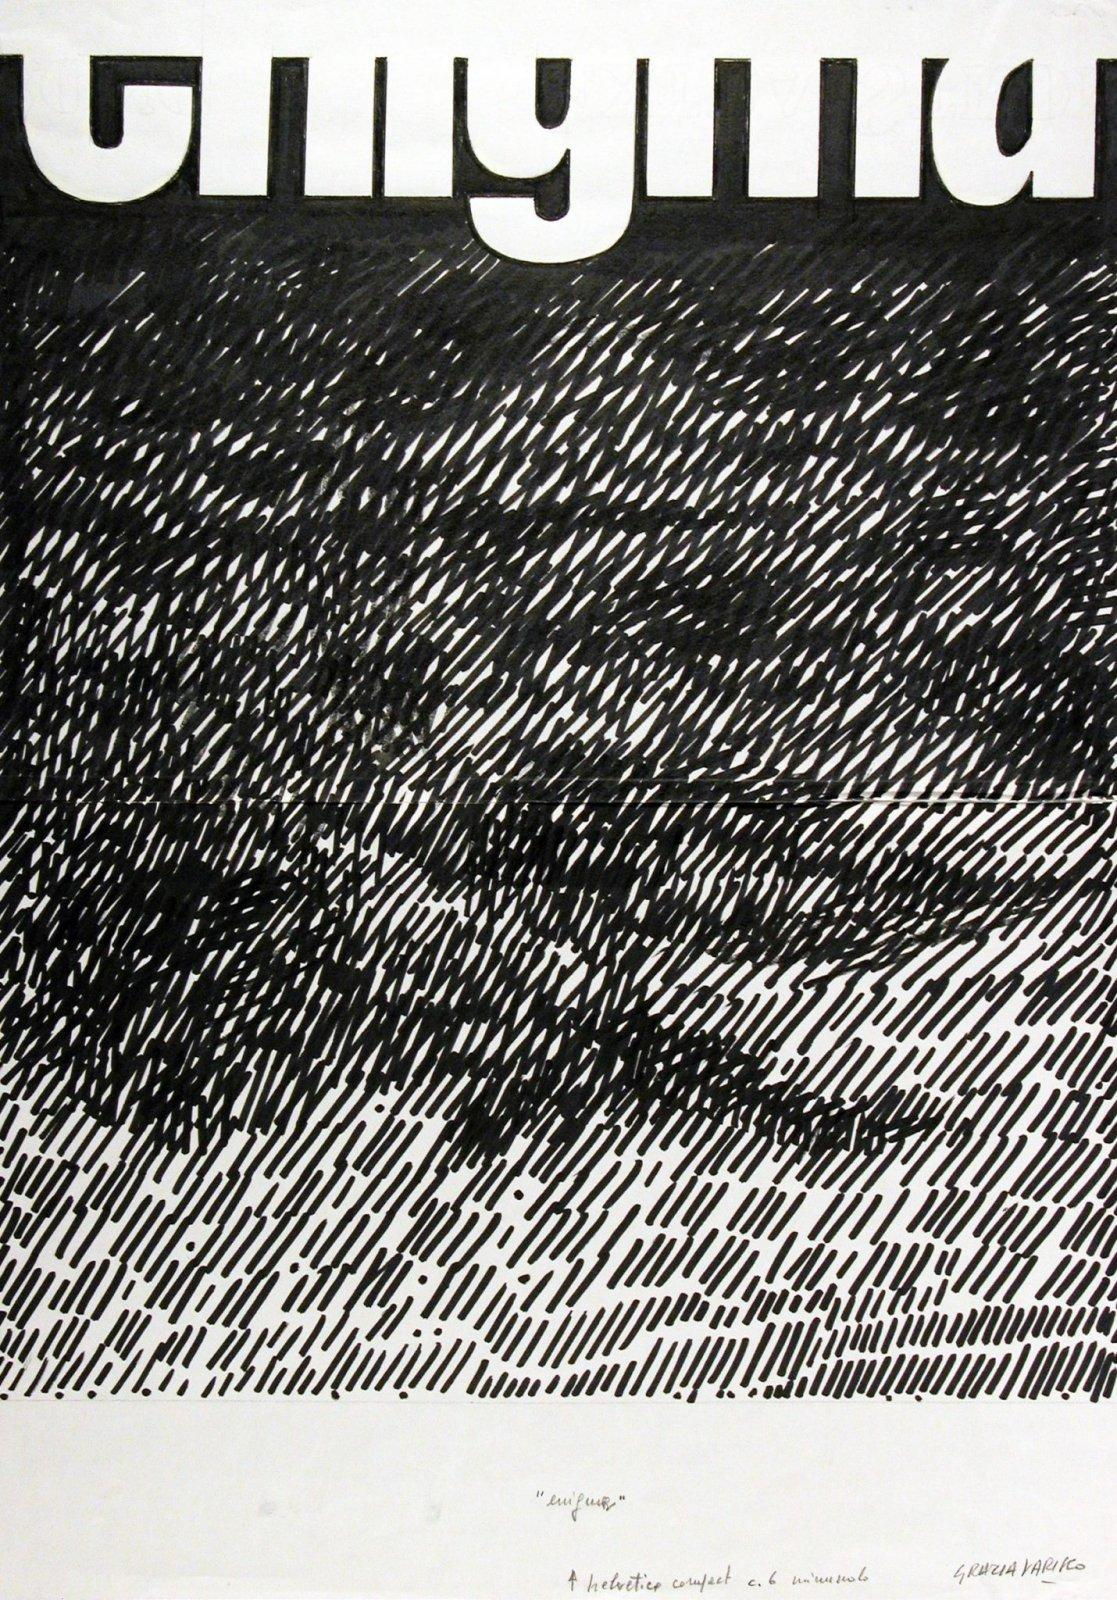 Grazia Varisco, Enigma, 1985, pennarello su carta, 420 x 296 mm, Collezione Galleria Civica di Modena